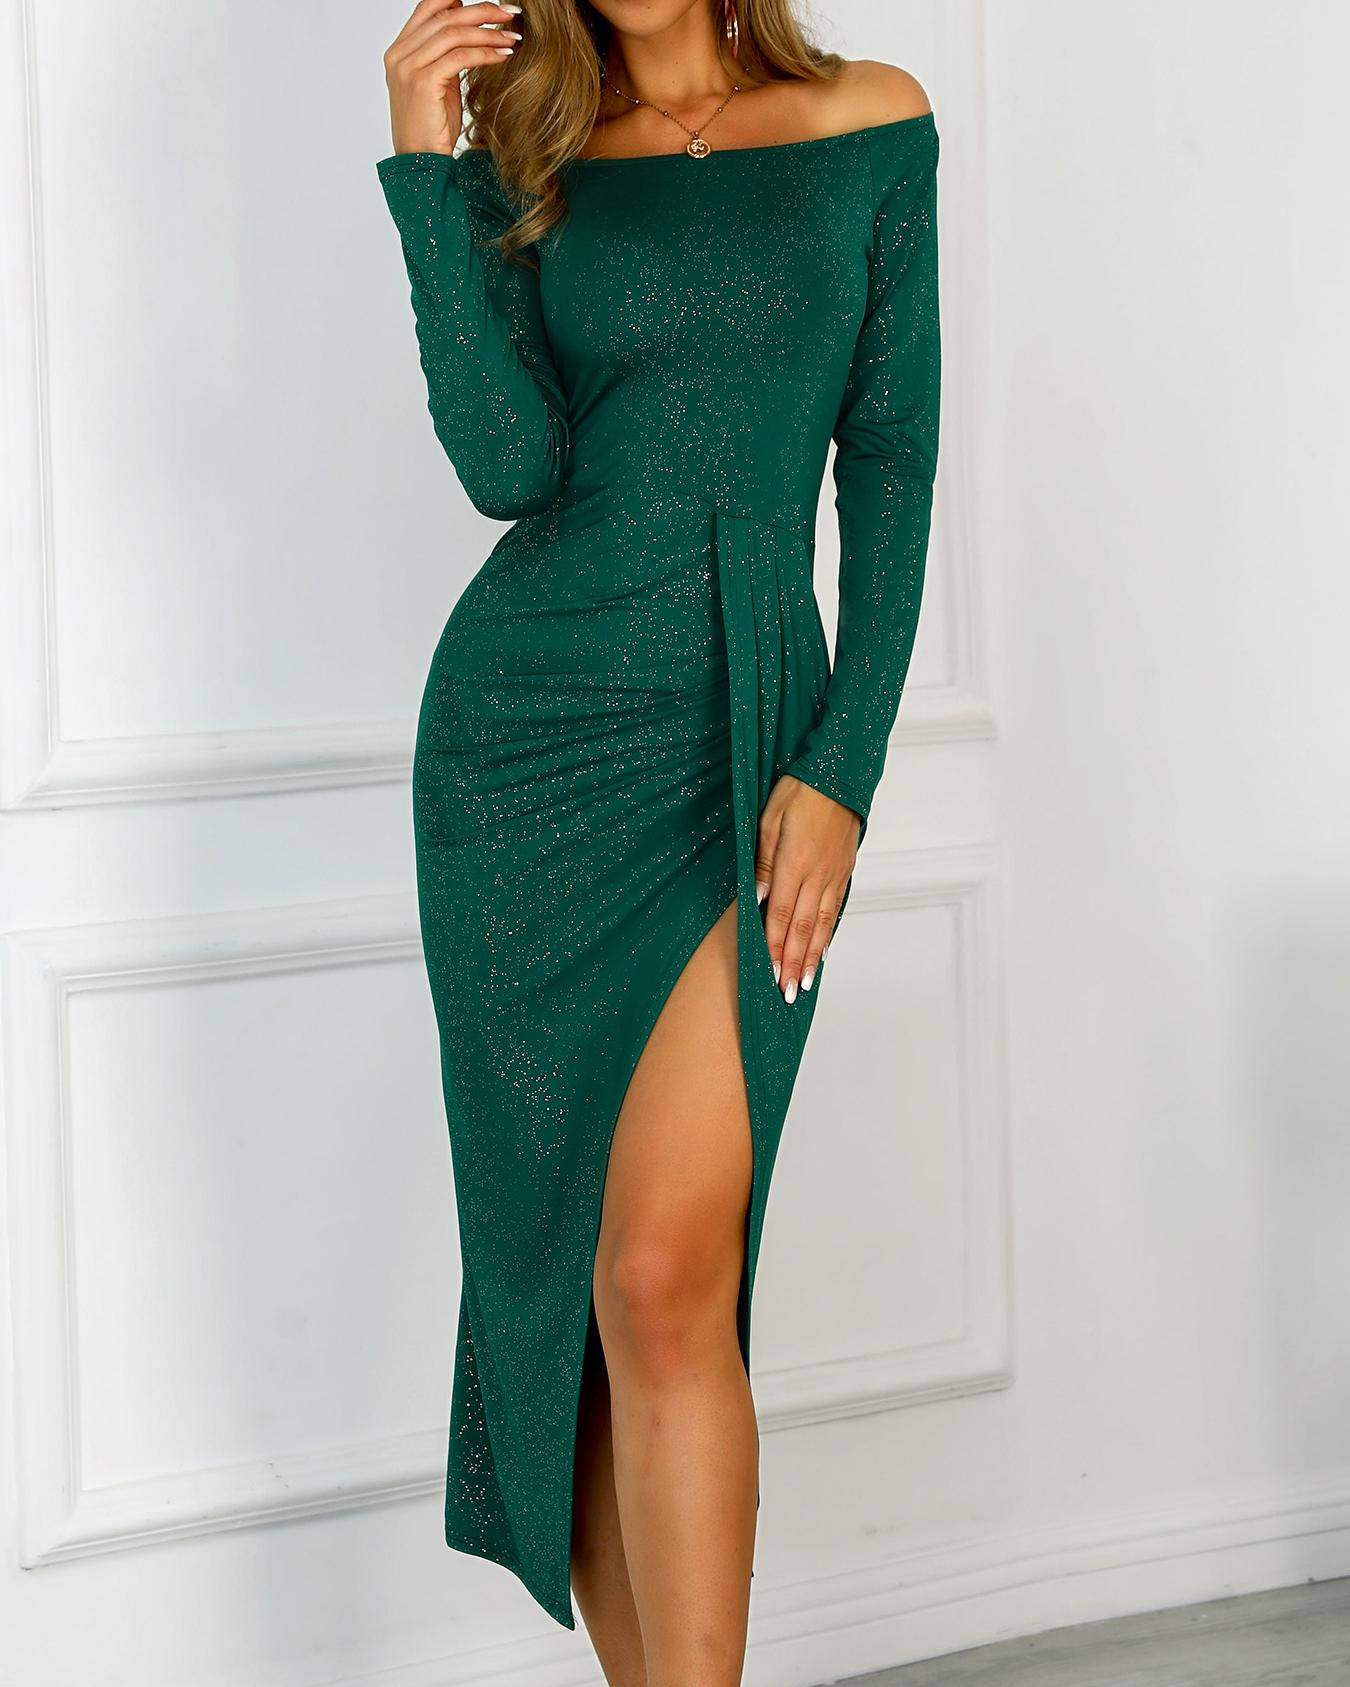 boutiquefeel / Vestido de hendidura con diseño fruncido y hombros descubiertos de Glitter